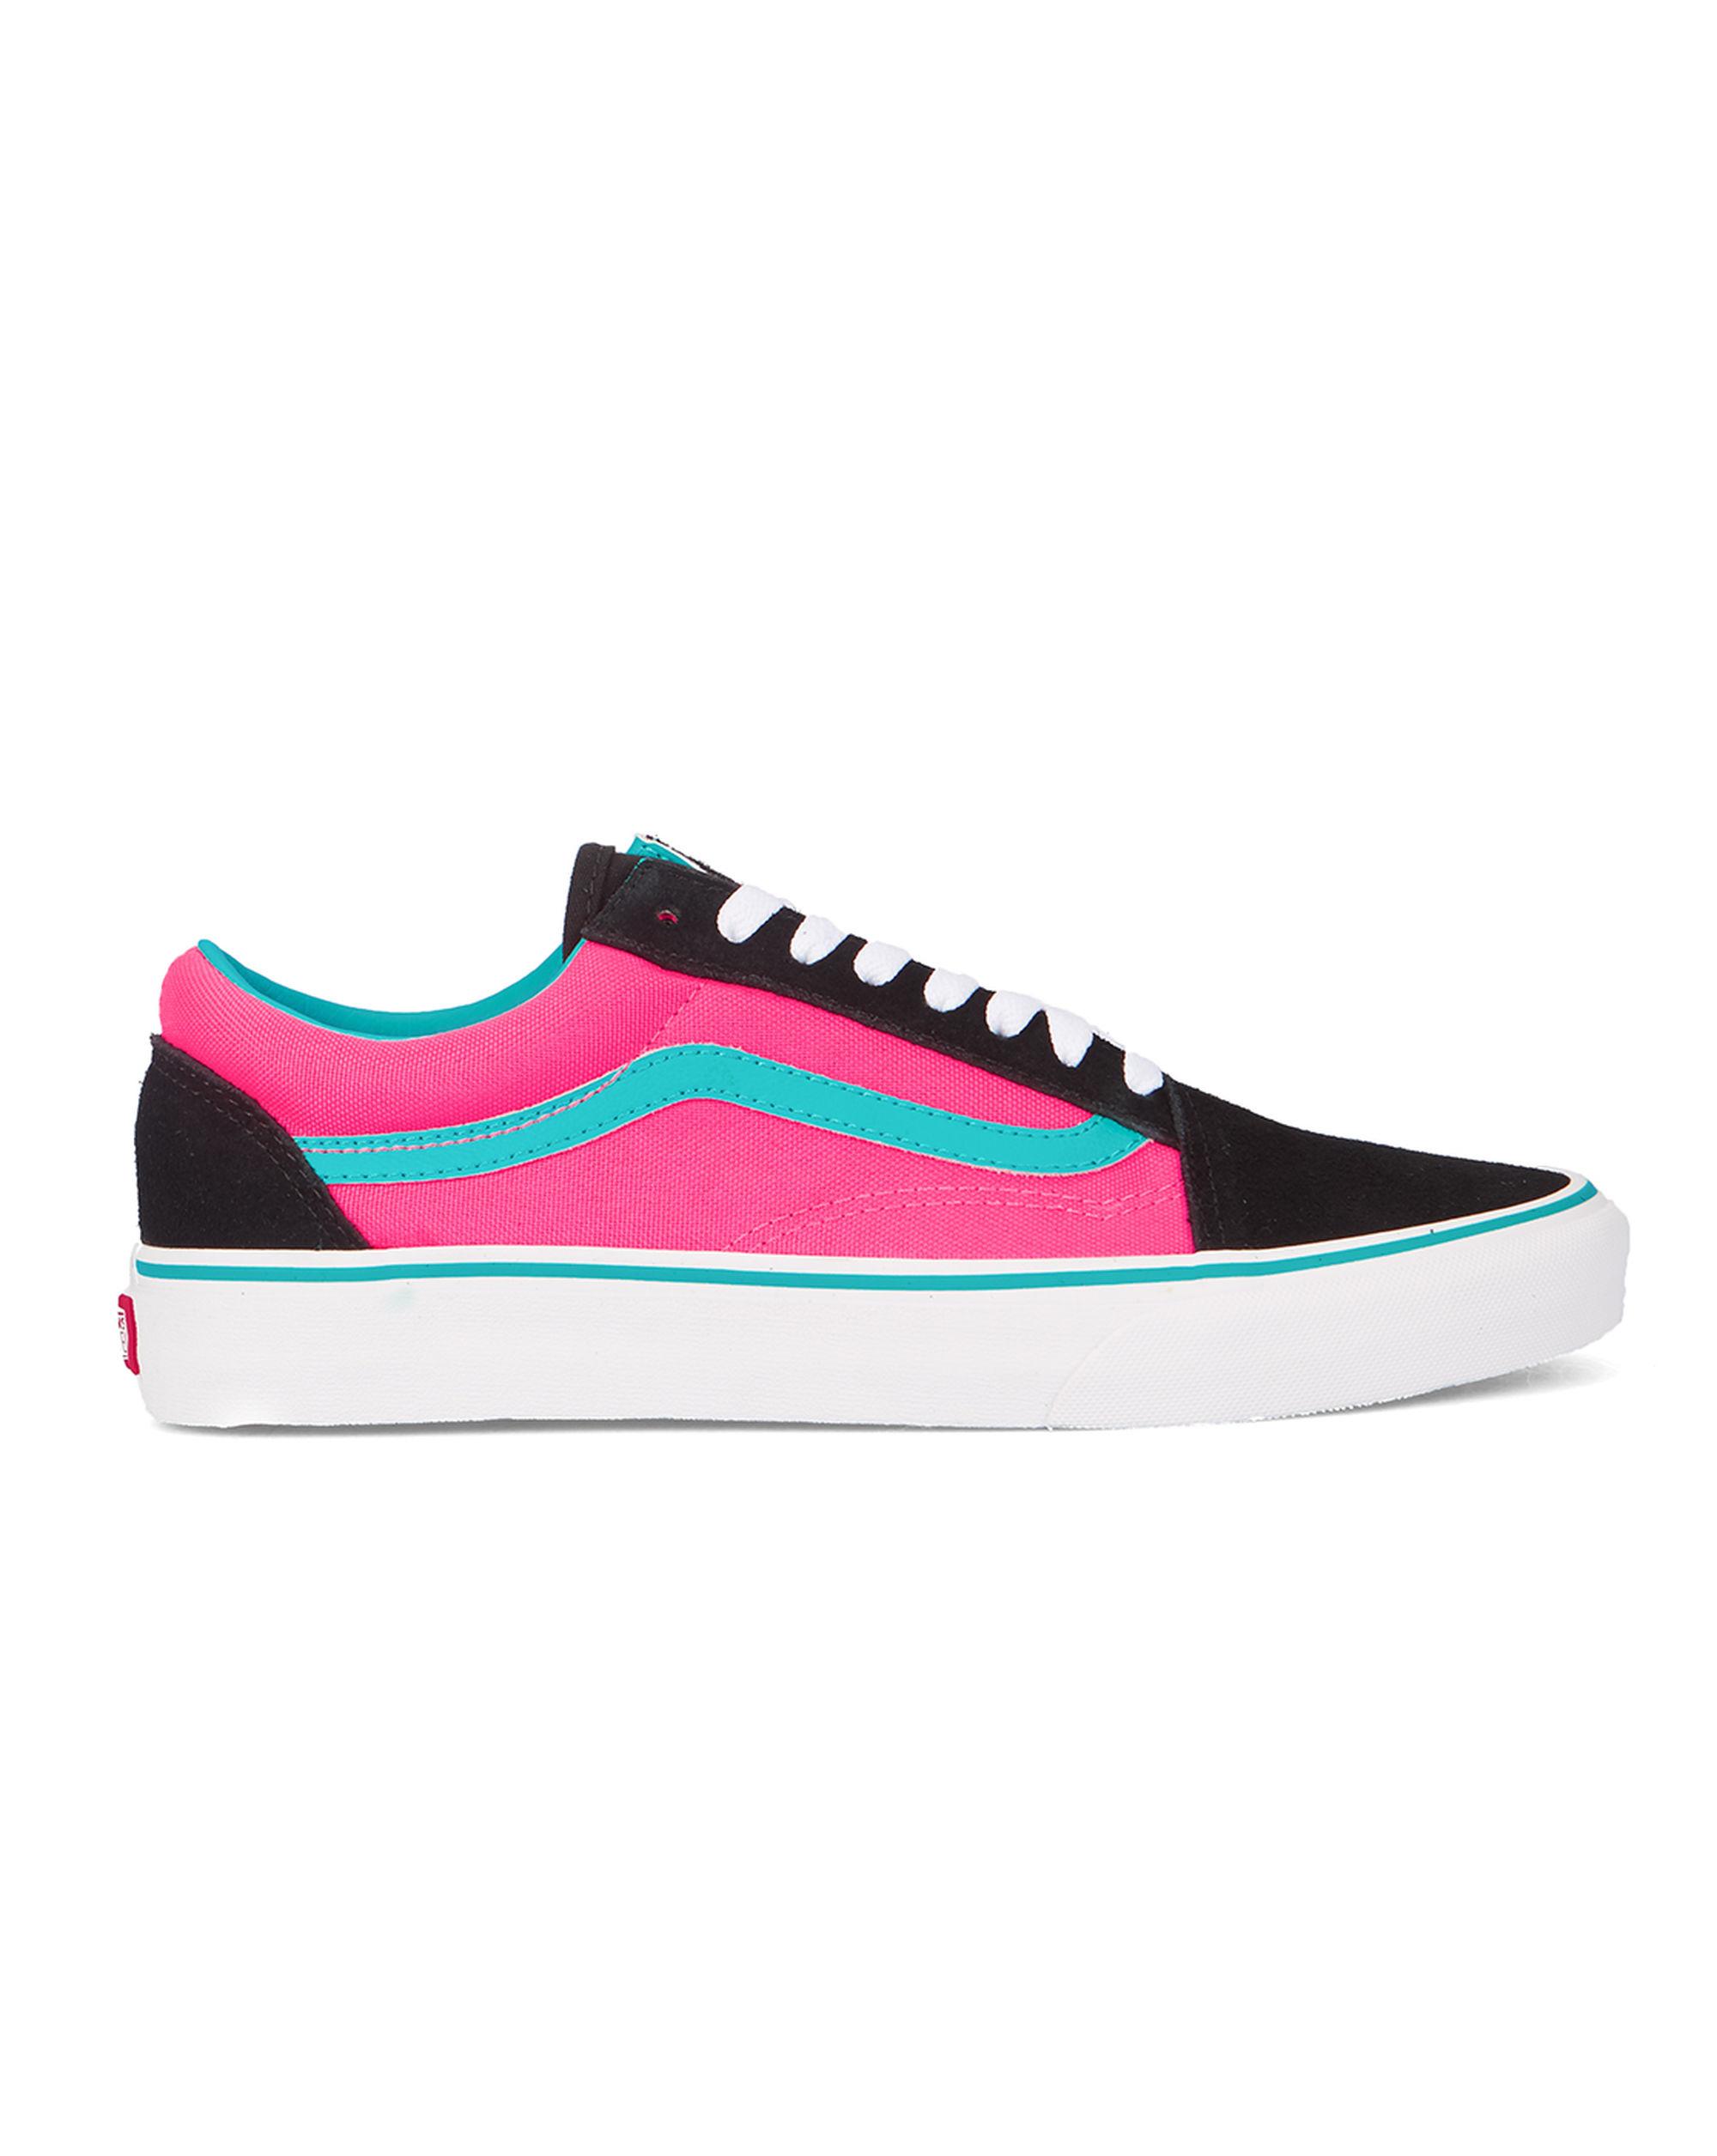 vans black fluoro pink old skool canvas sneakers in black. Black Bedroom Furniture Sets. Home Design Ideas